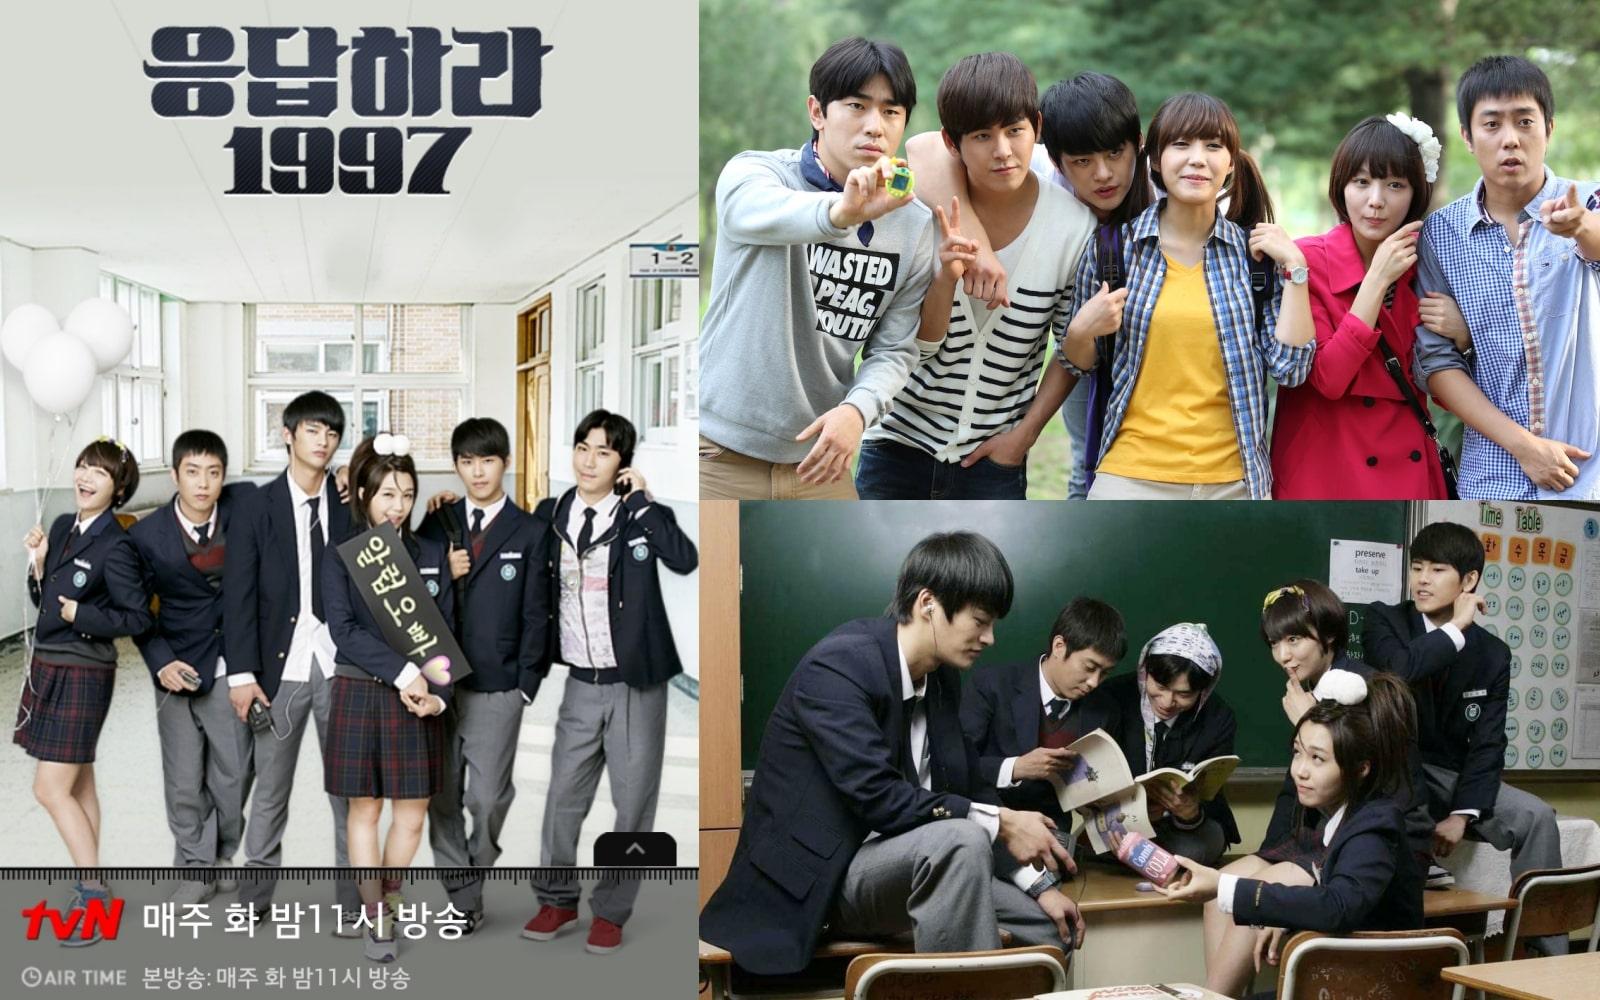 10 ซีรี่ย์เกาหลีแนวแอบรักเพื่อน จนได้เพื่อนเป็นแฟน!